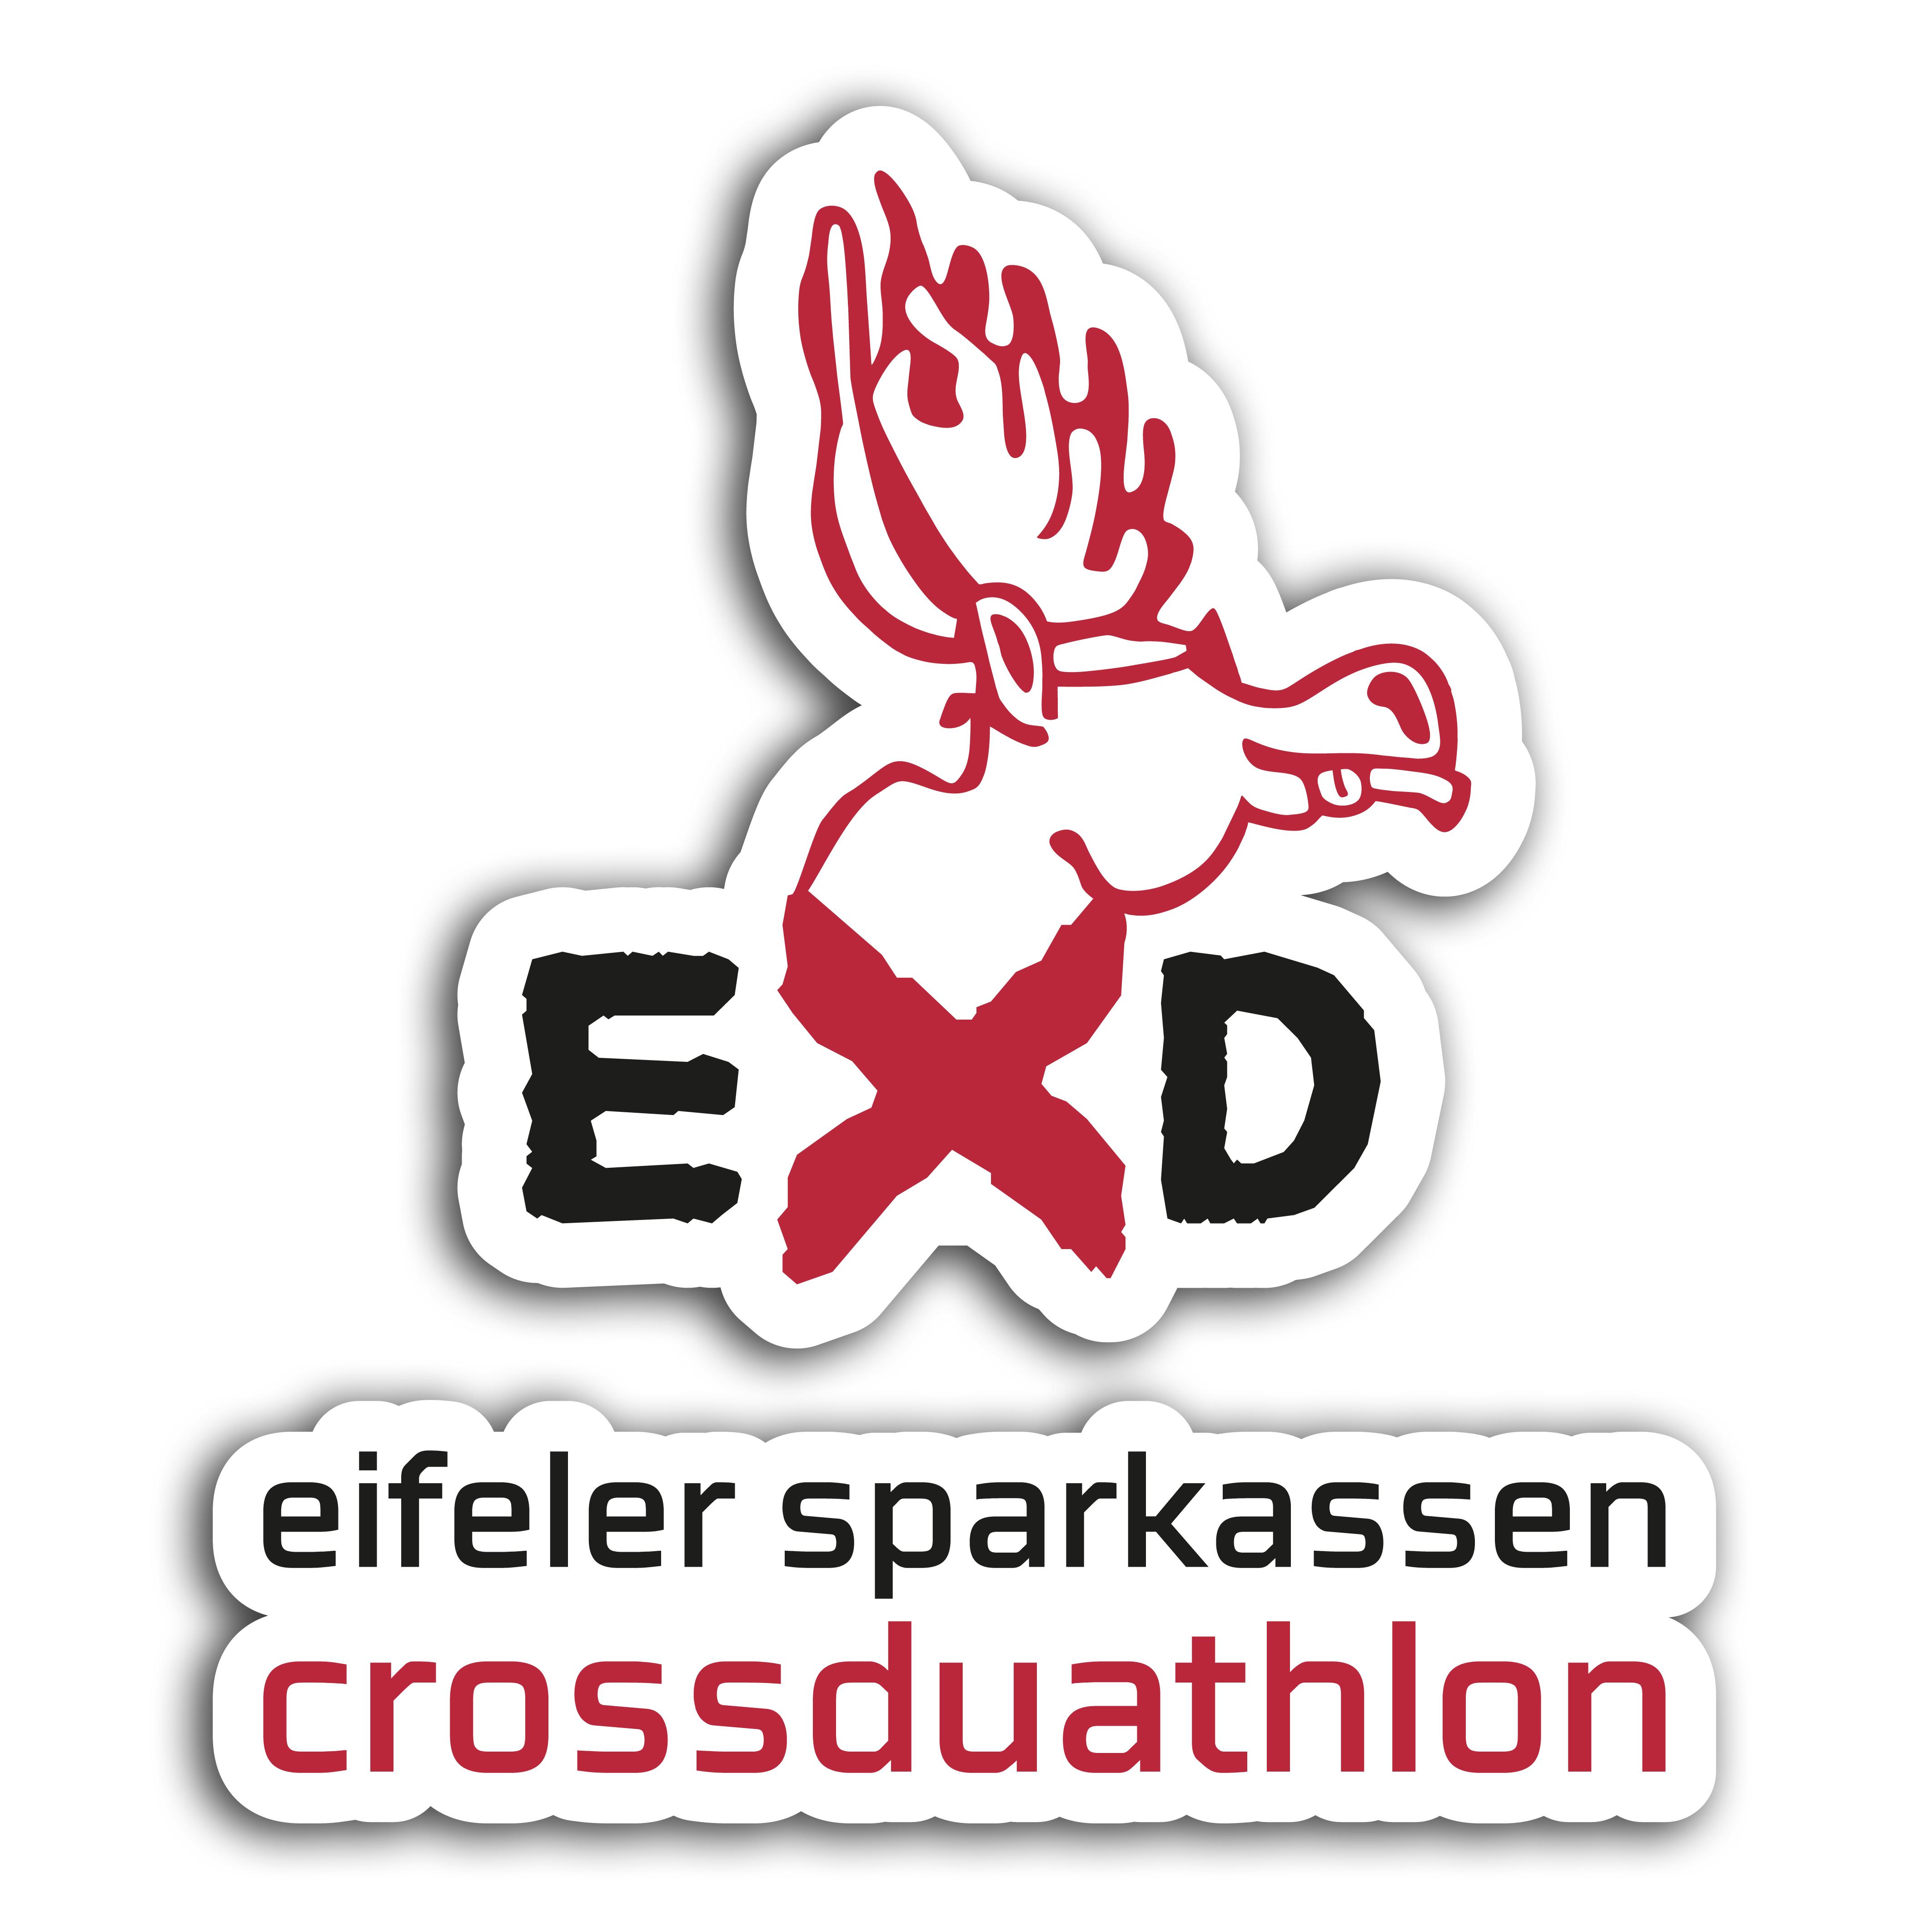 Eifeler Sparkassen Crossduathlon